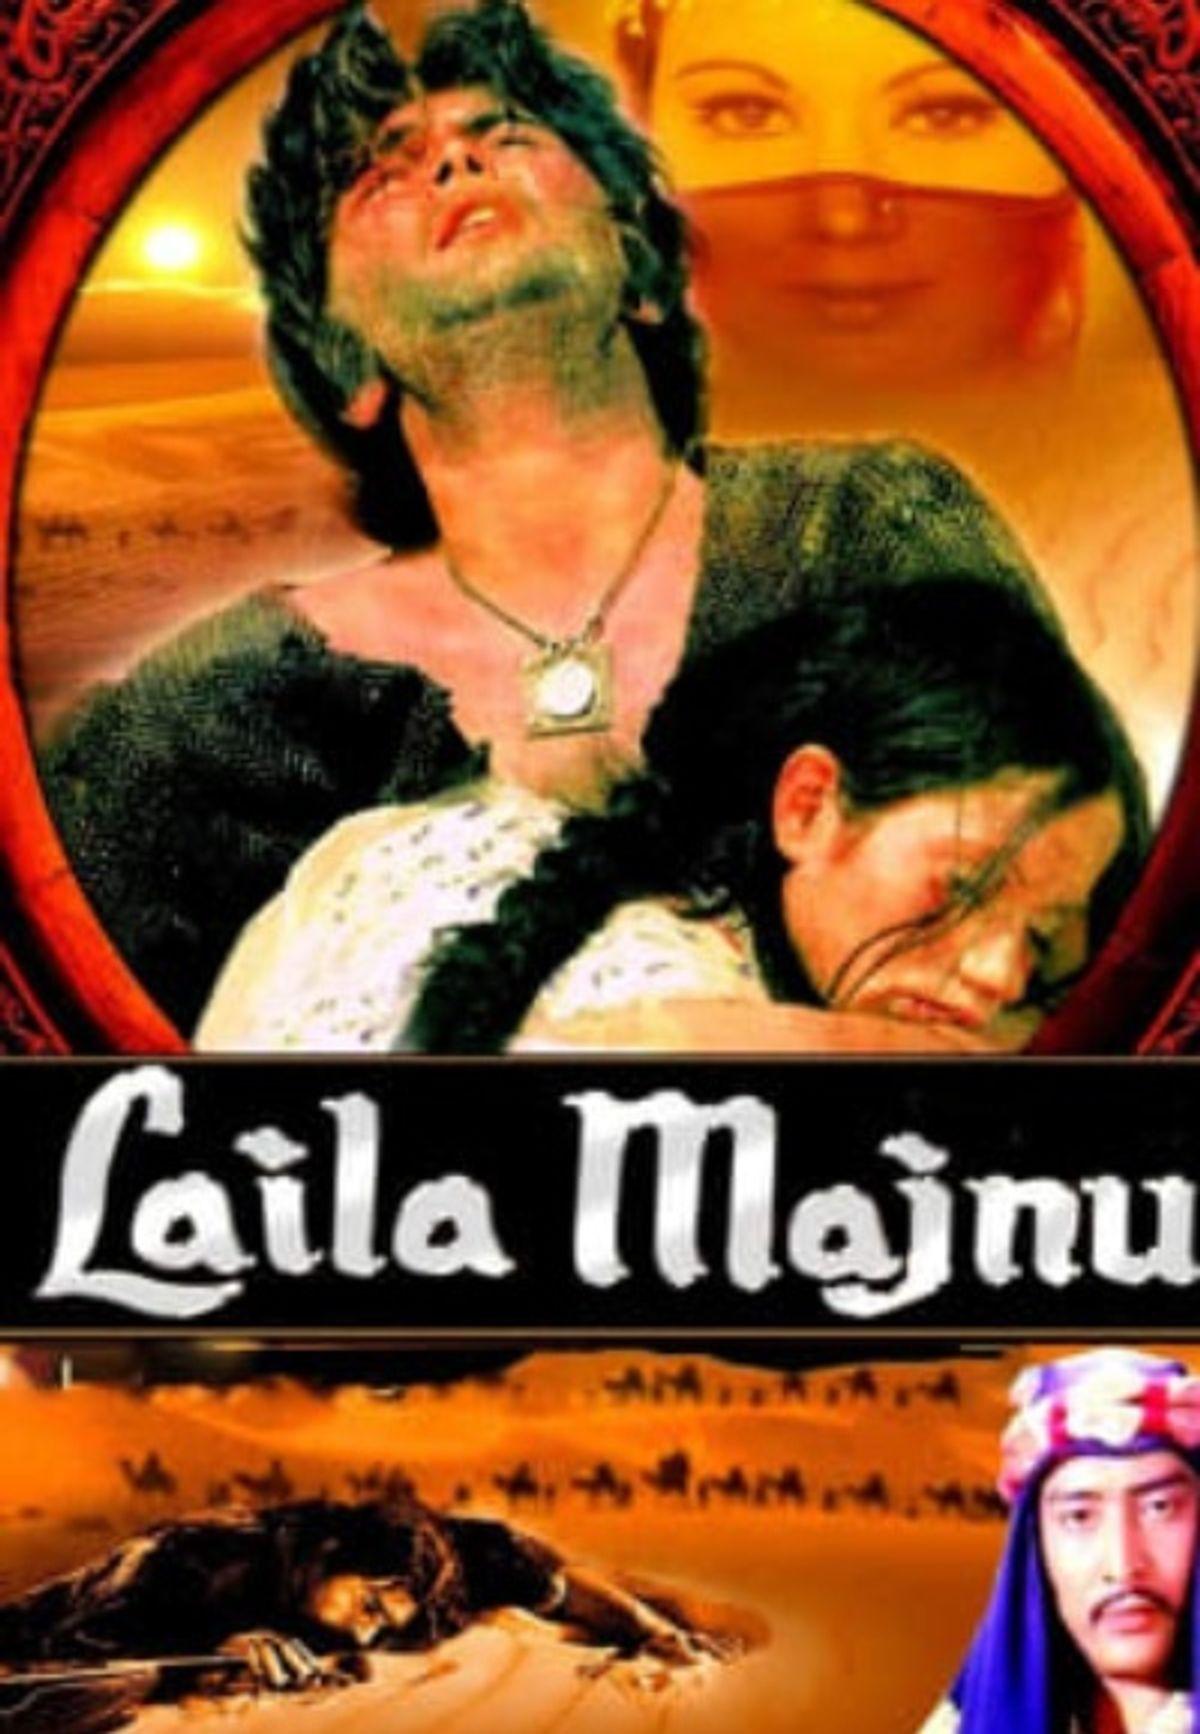 Laila Majnu